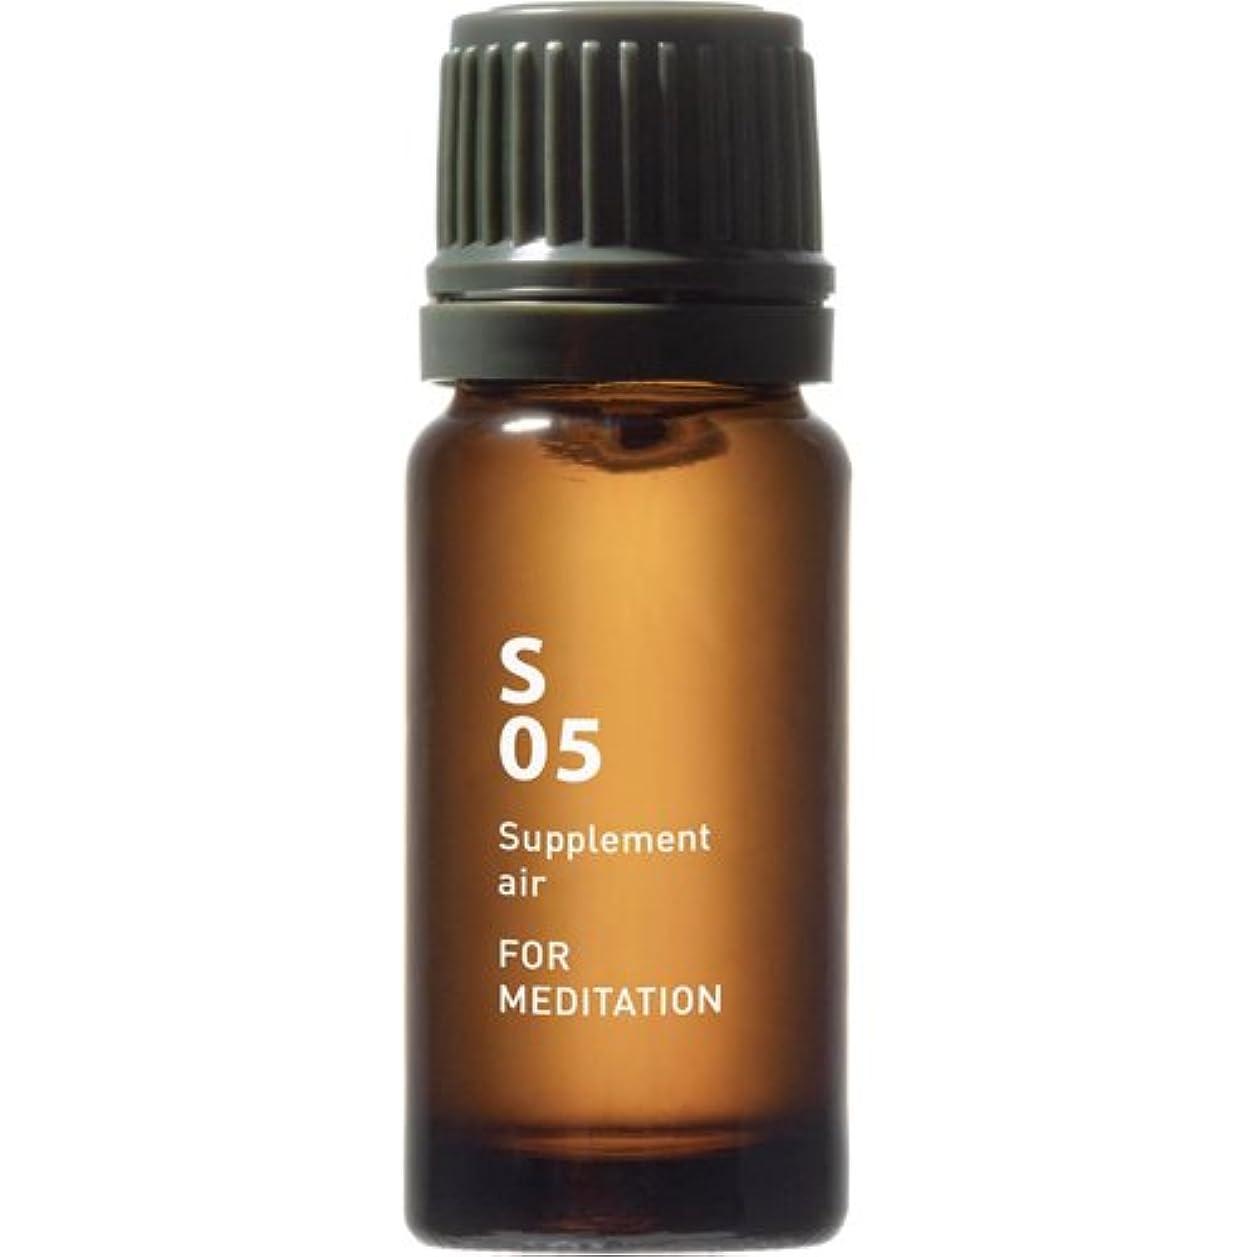 フェミニン石油乏しいS05 FOR MEDITATION Supplement air 10ml